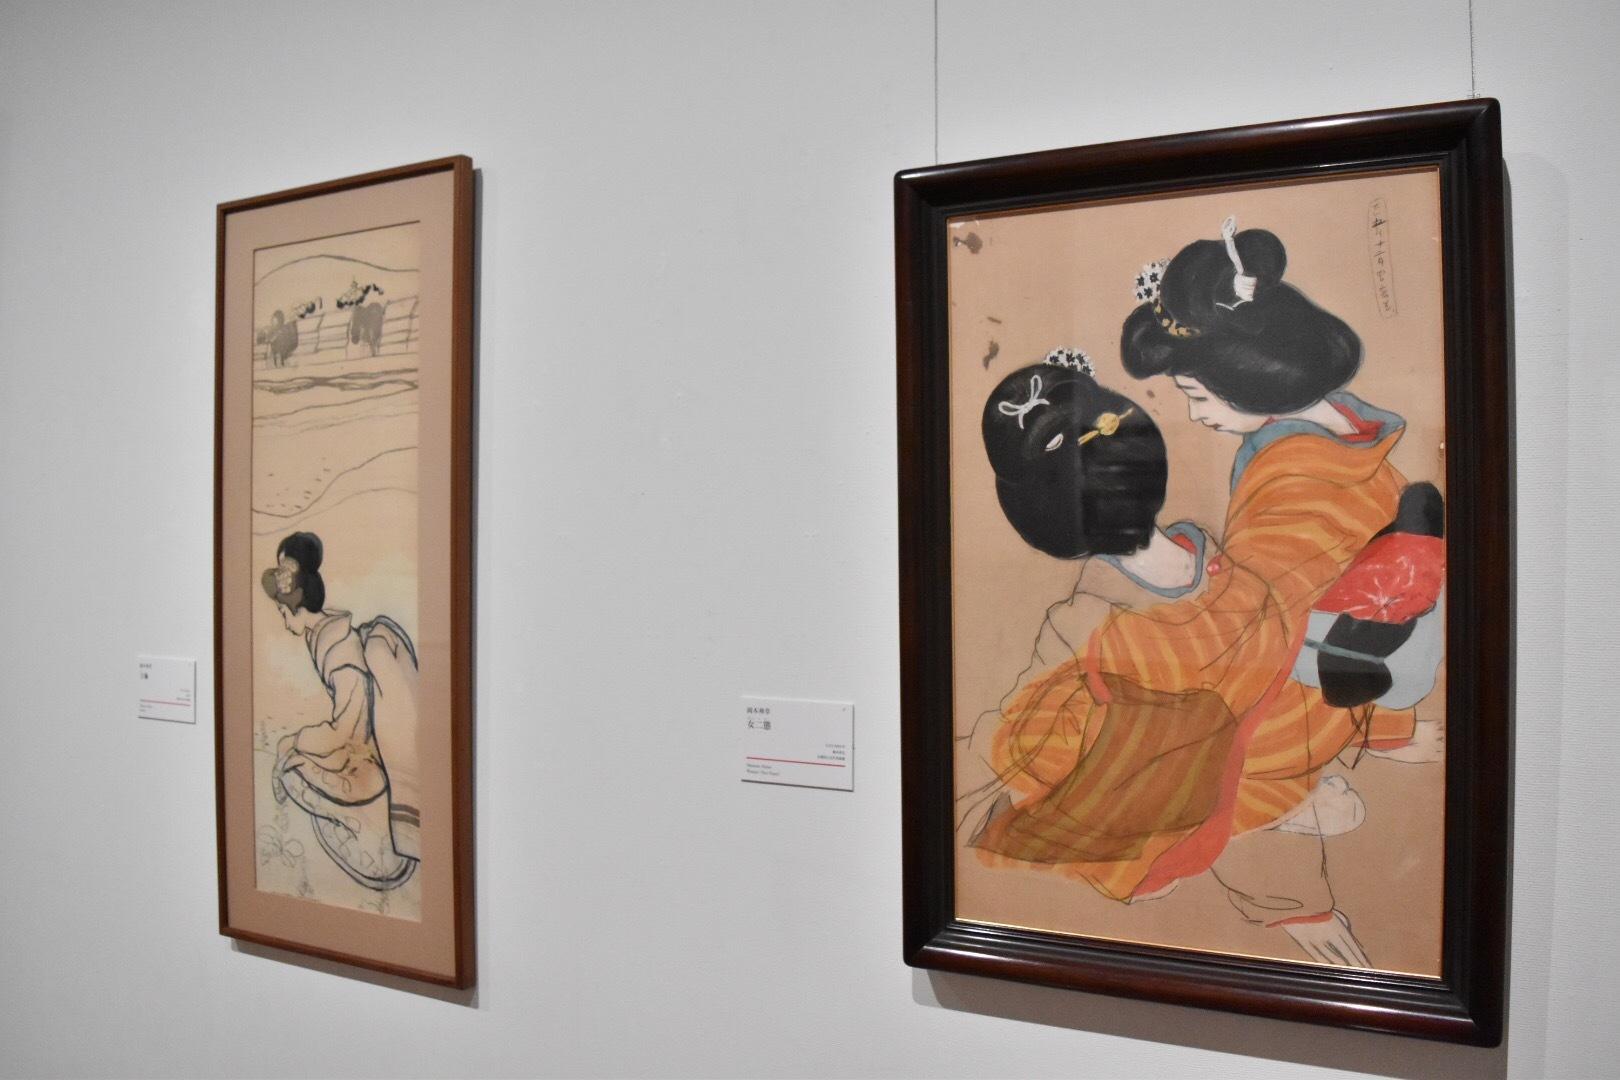 左:岡本神草 《吉彌》 大正5(1916)年 京都国立近代美術館 右:岡本神草 《女二態》 大正5(1916)年 京都国立近代美術館